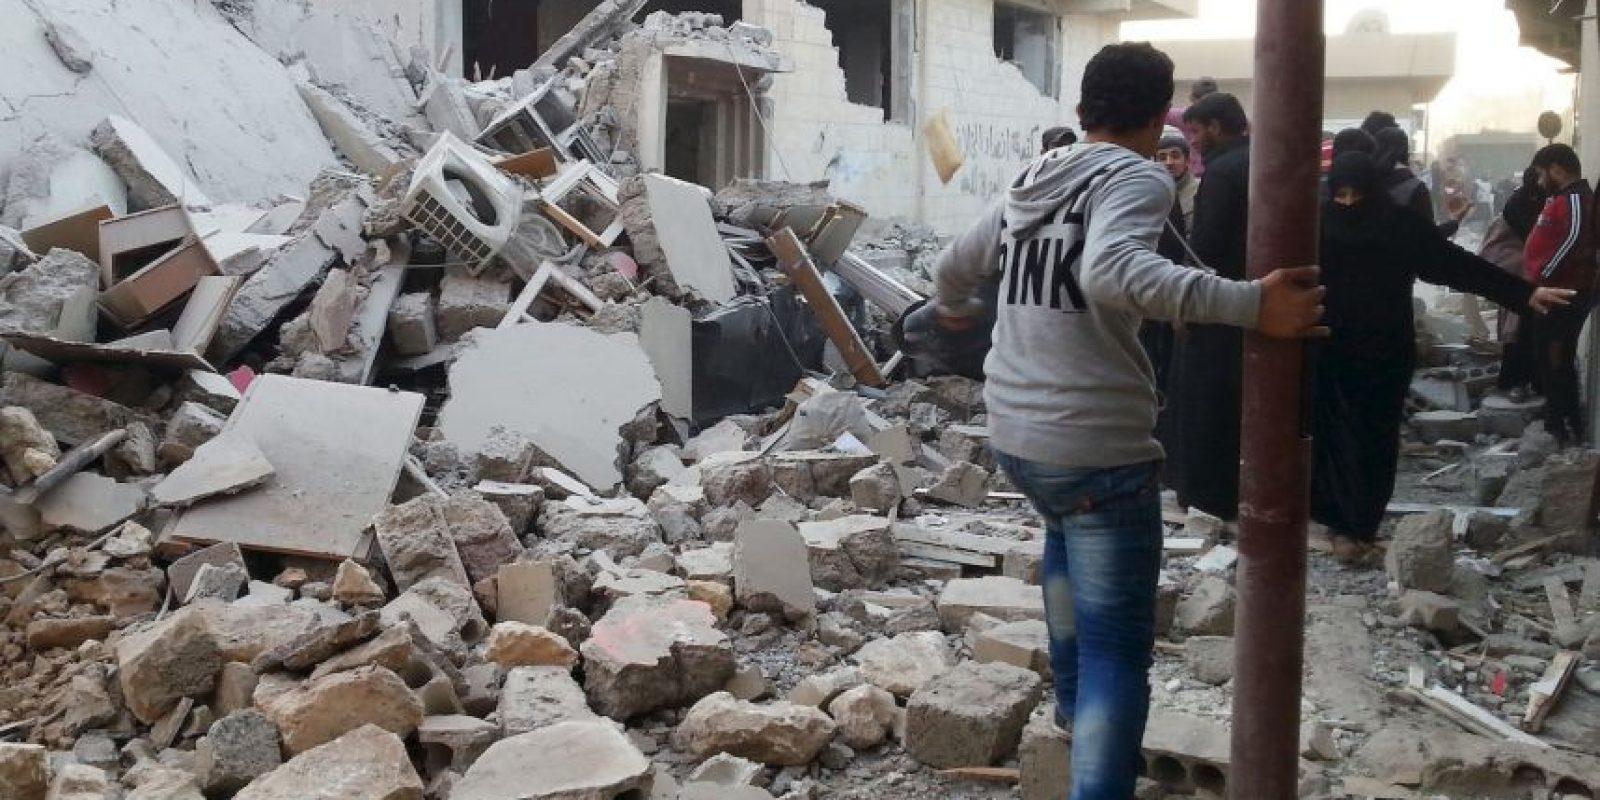 En agosto de este año el presidente norteamericano anunció la creación de una coalición internacional con el propósito de destruir al Estado Islámico. Foto:AFP